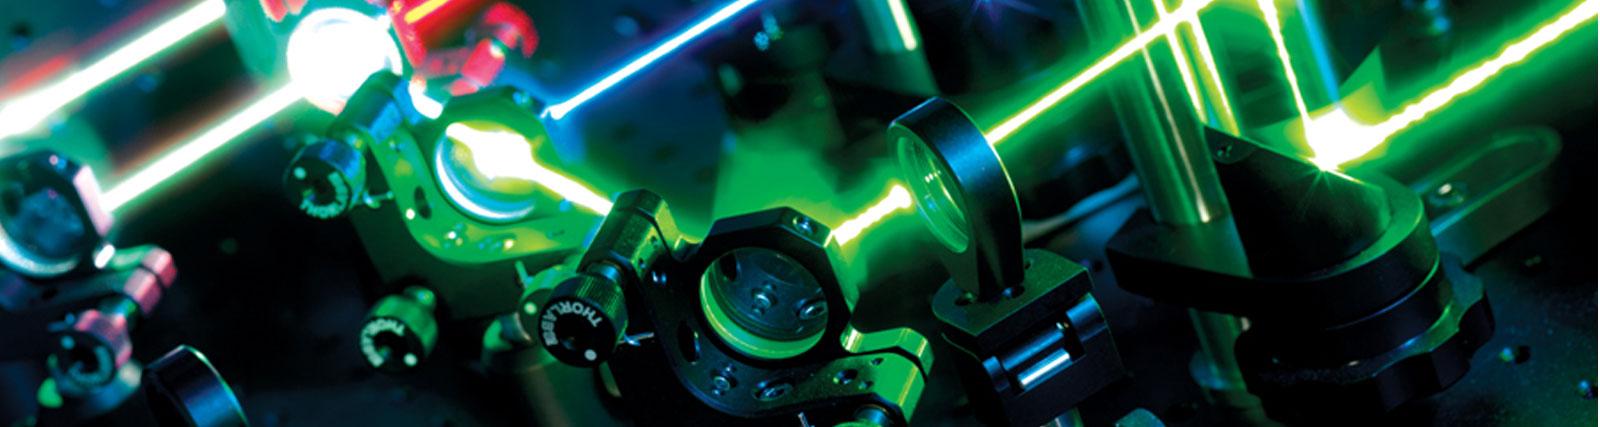 laser_slider